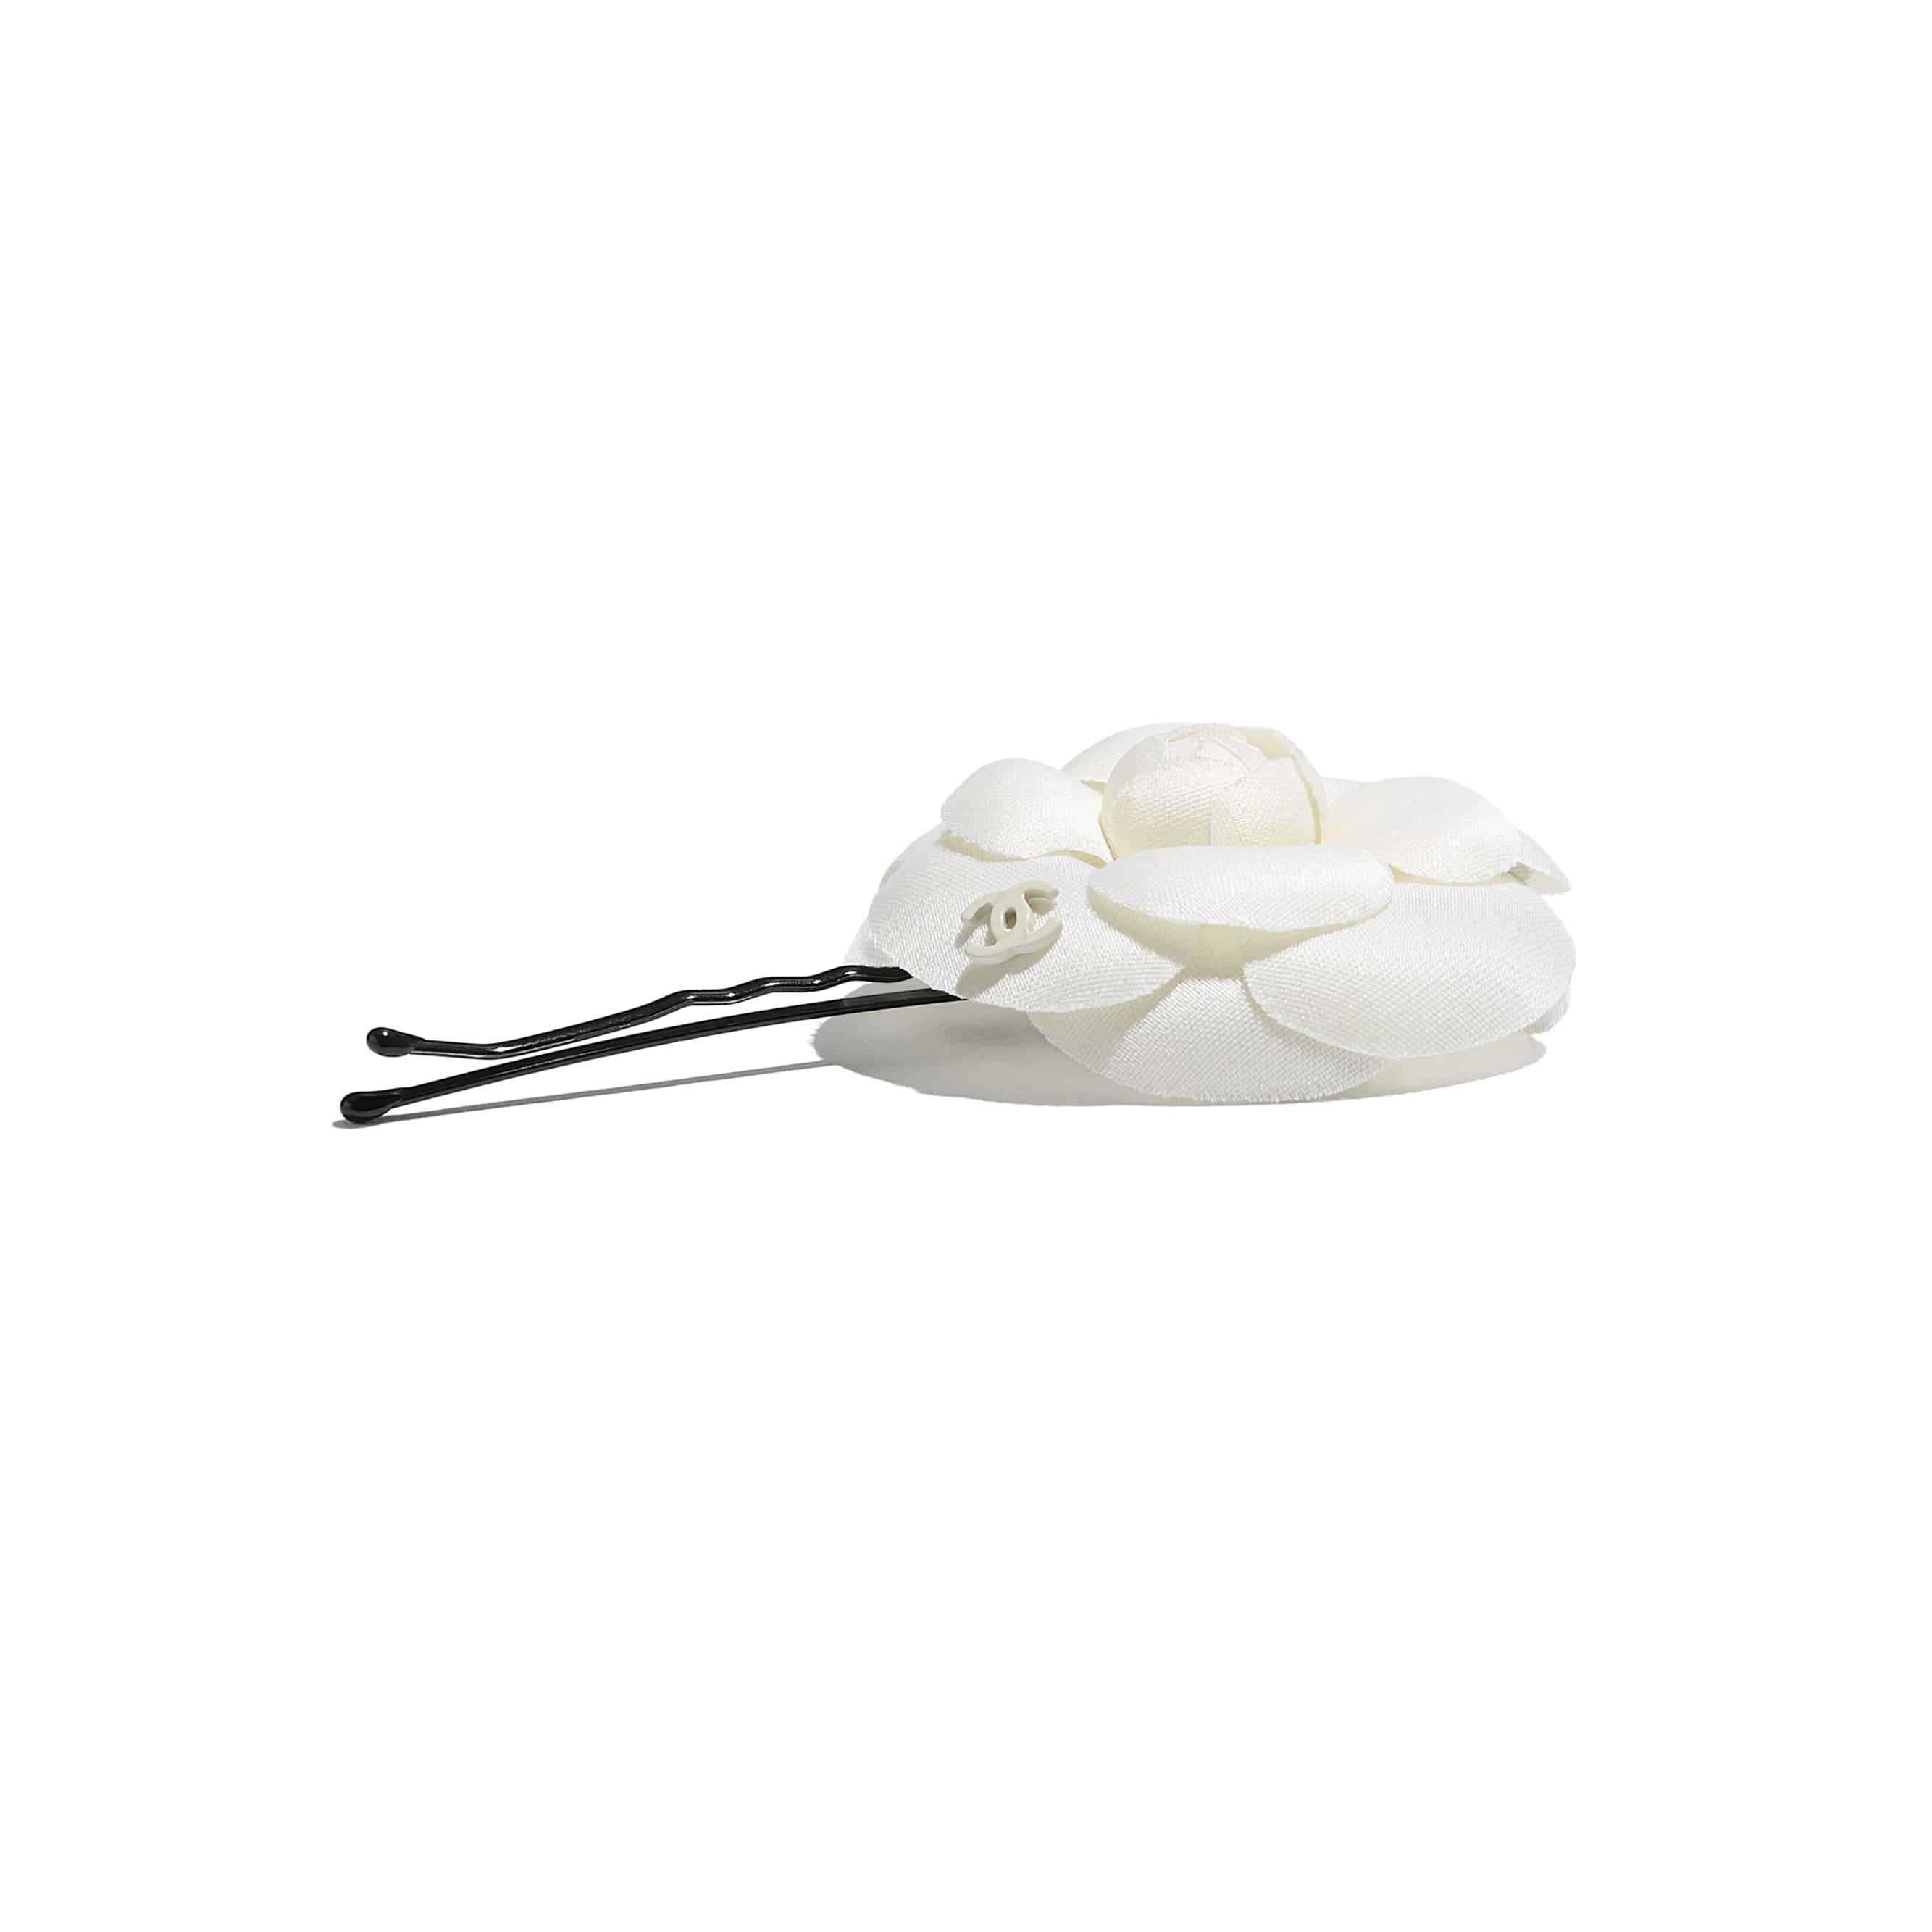 Horquilla - Marfil - Seda, algodón, mezcla de fibras y metal - CHANEL - Vista alternativa - ver la versión tamaño estándar